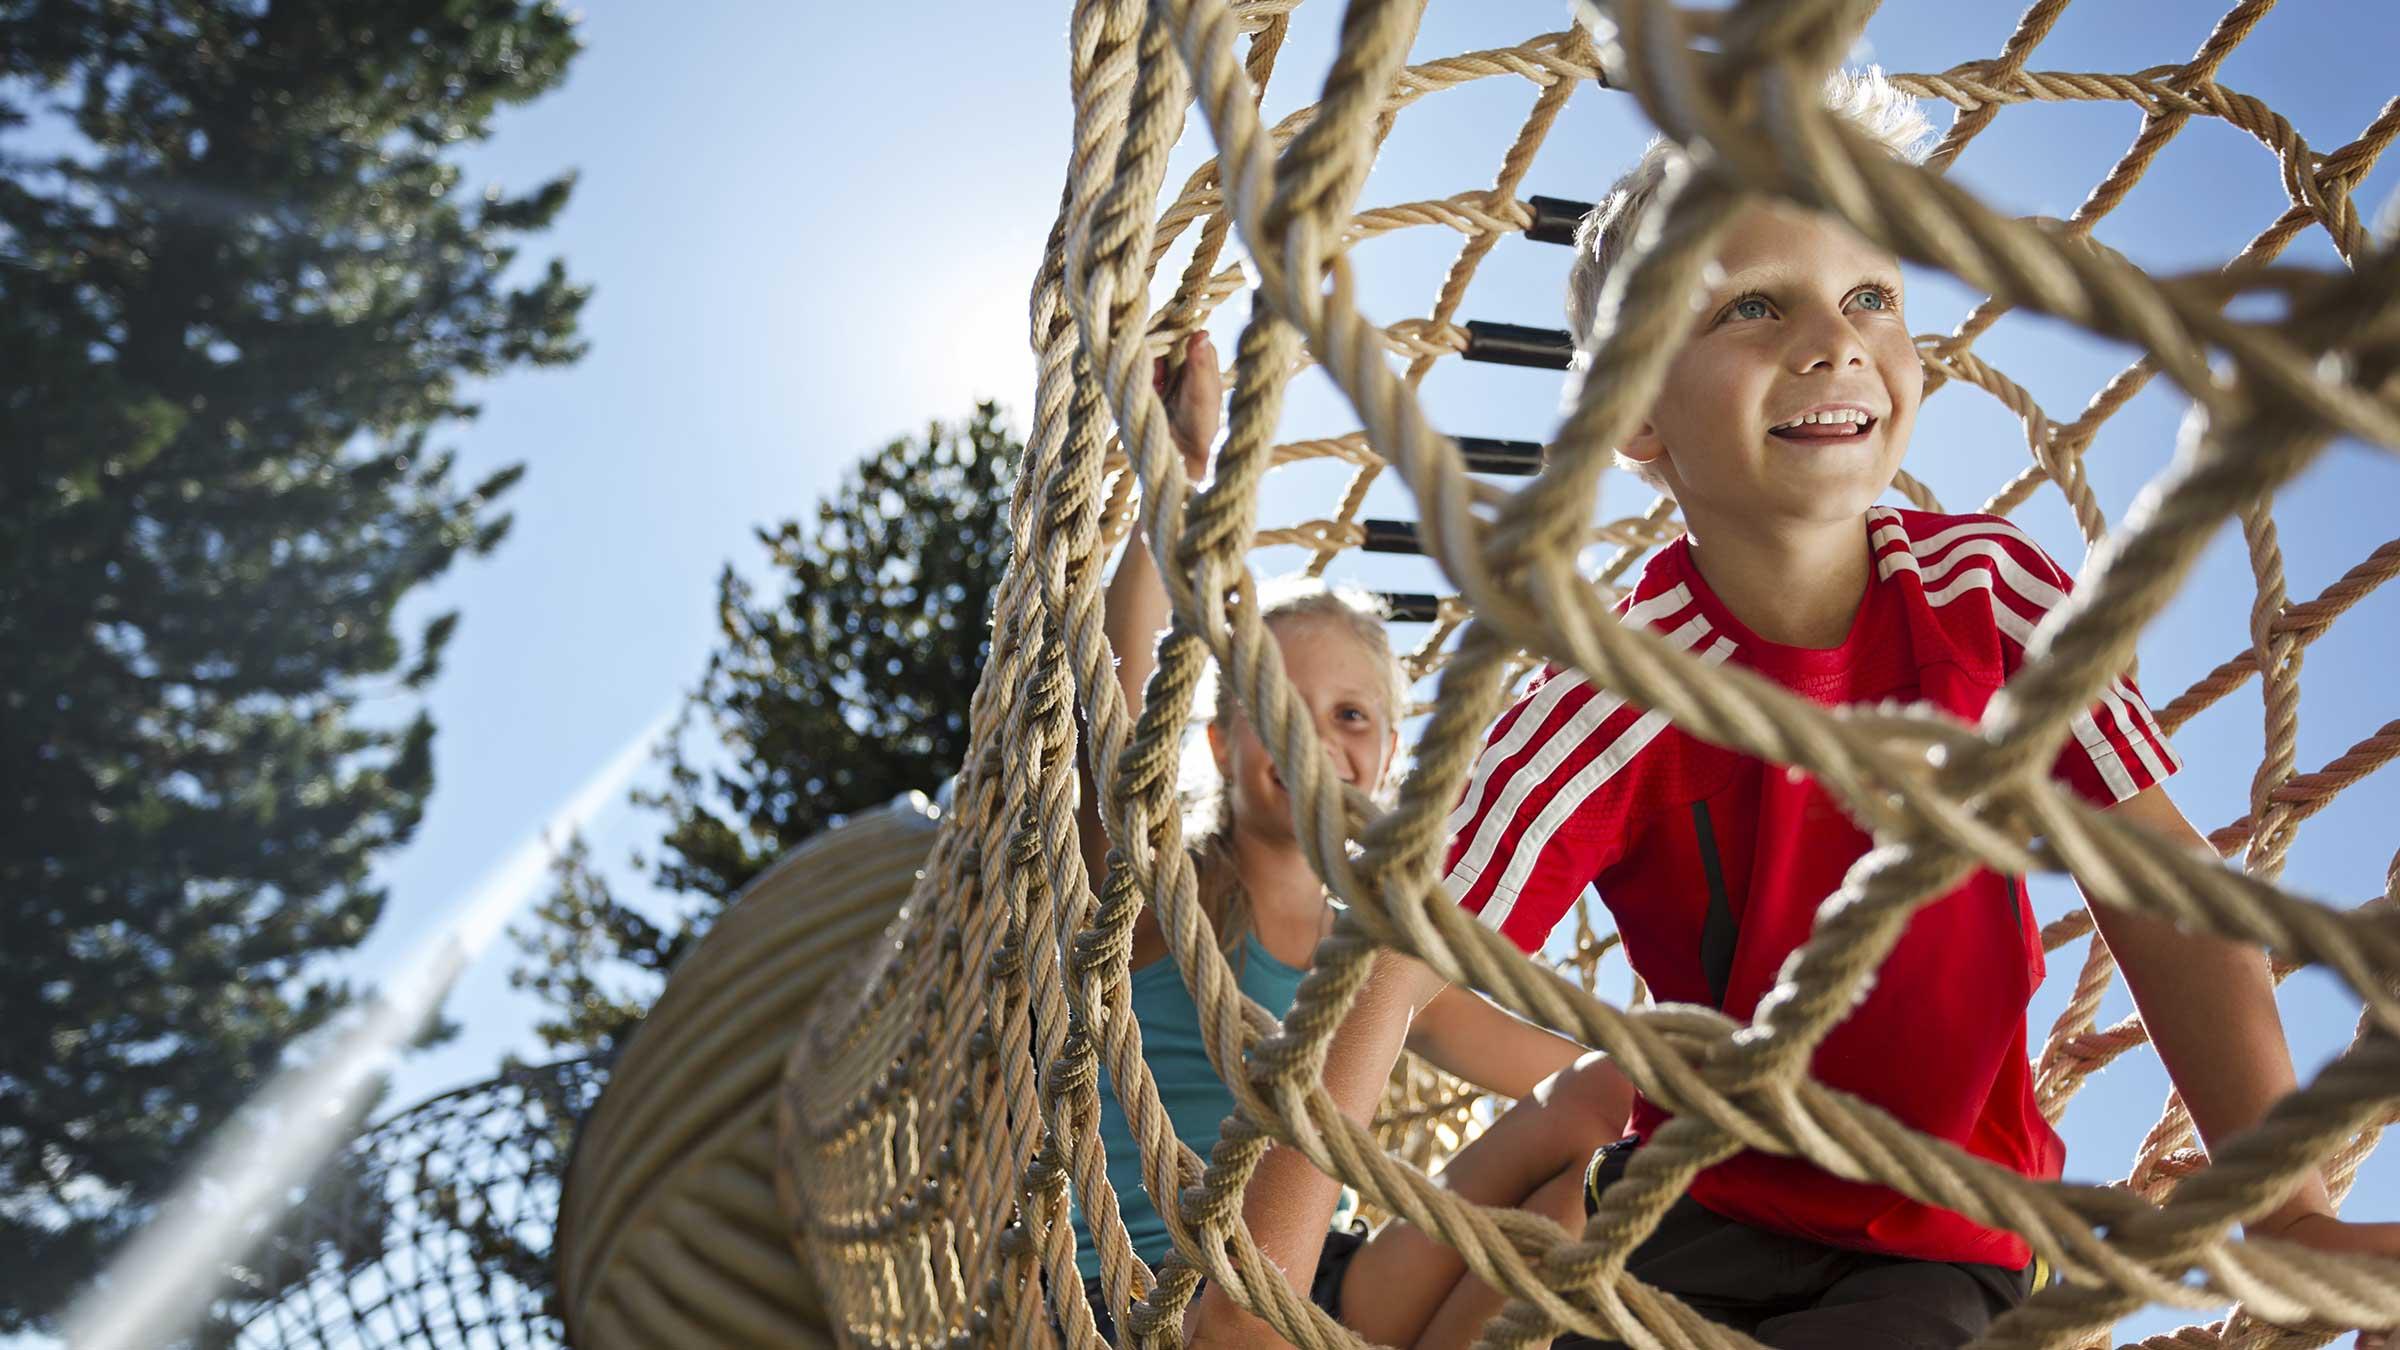 Kinder im Wollspielwald - Widiversum